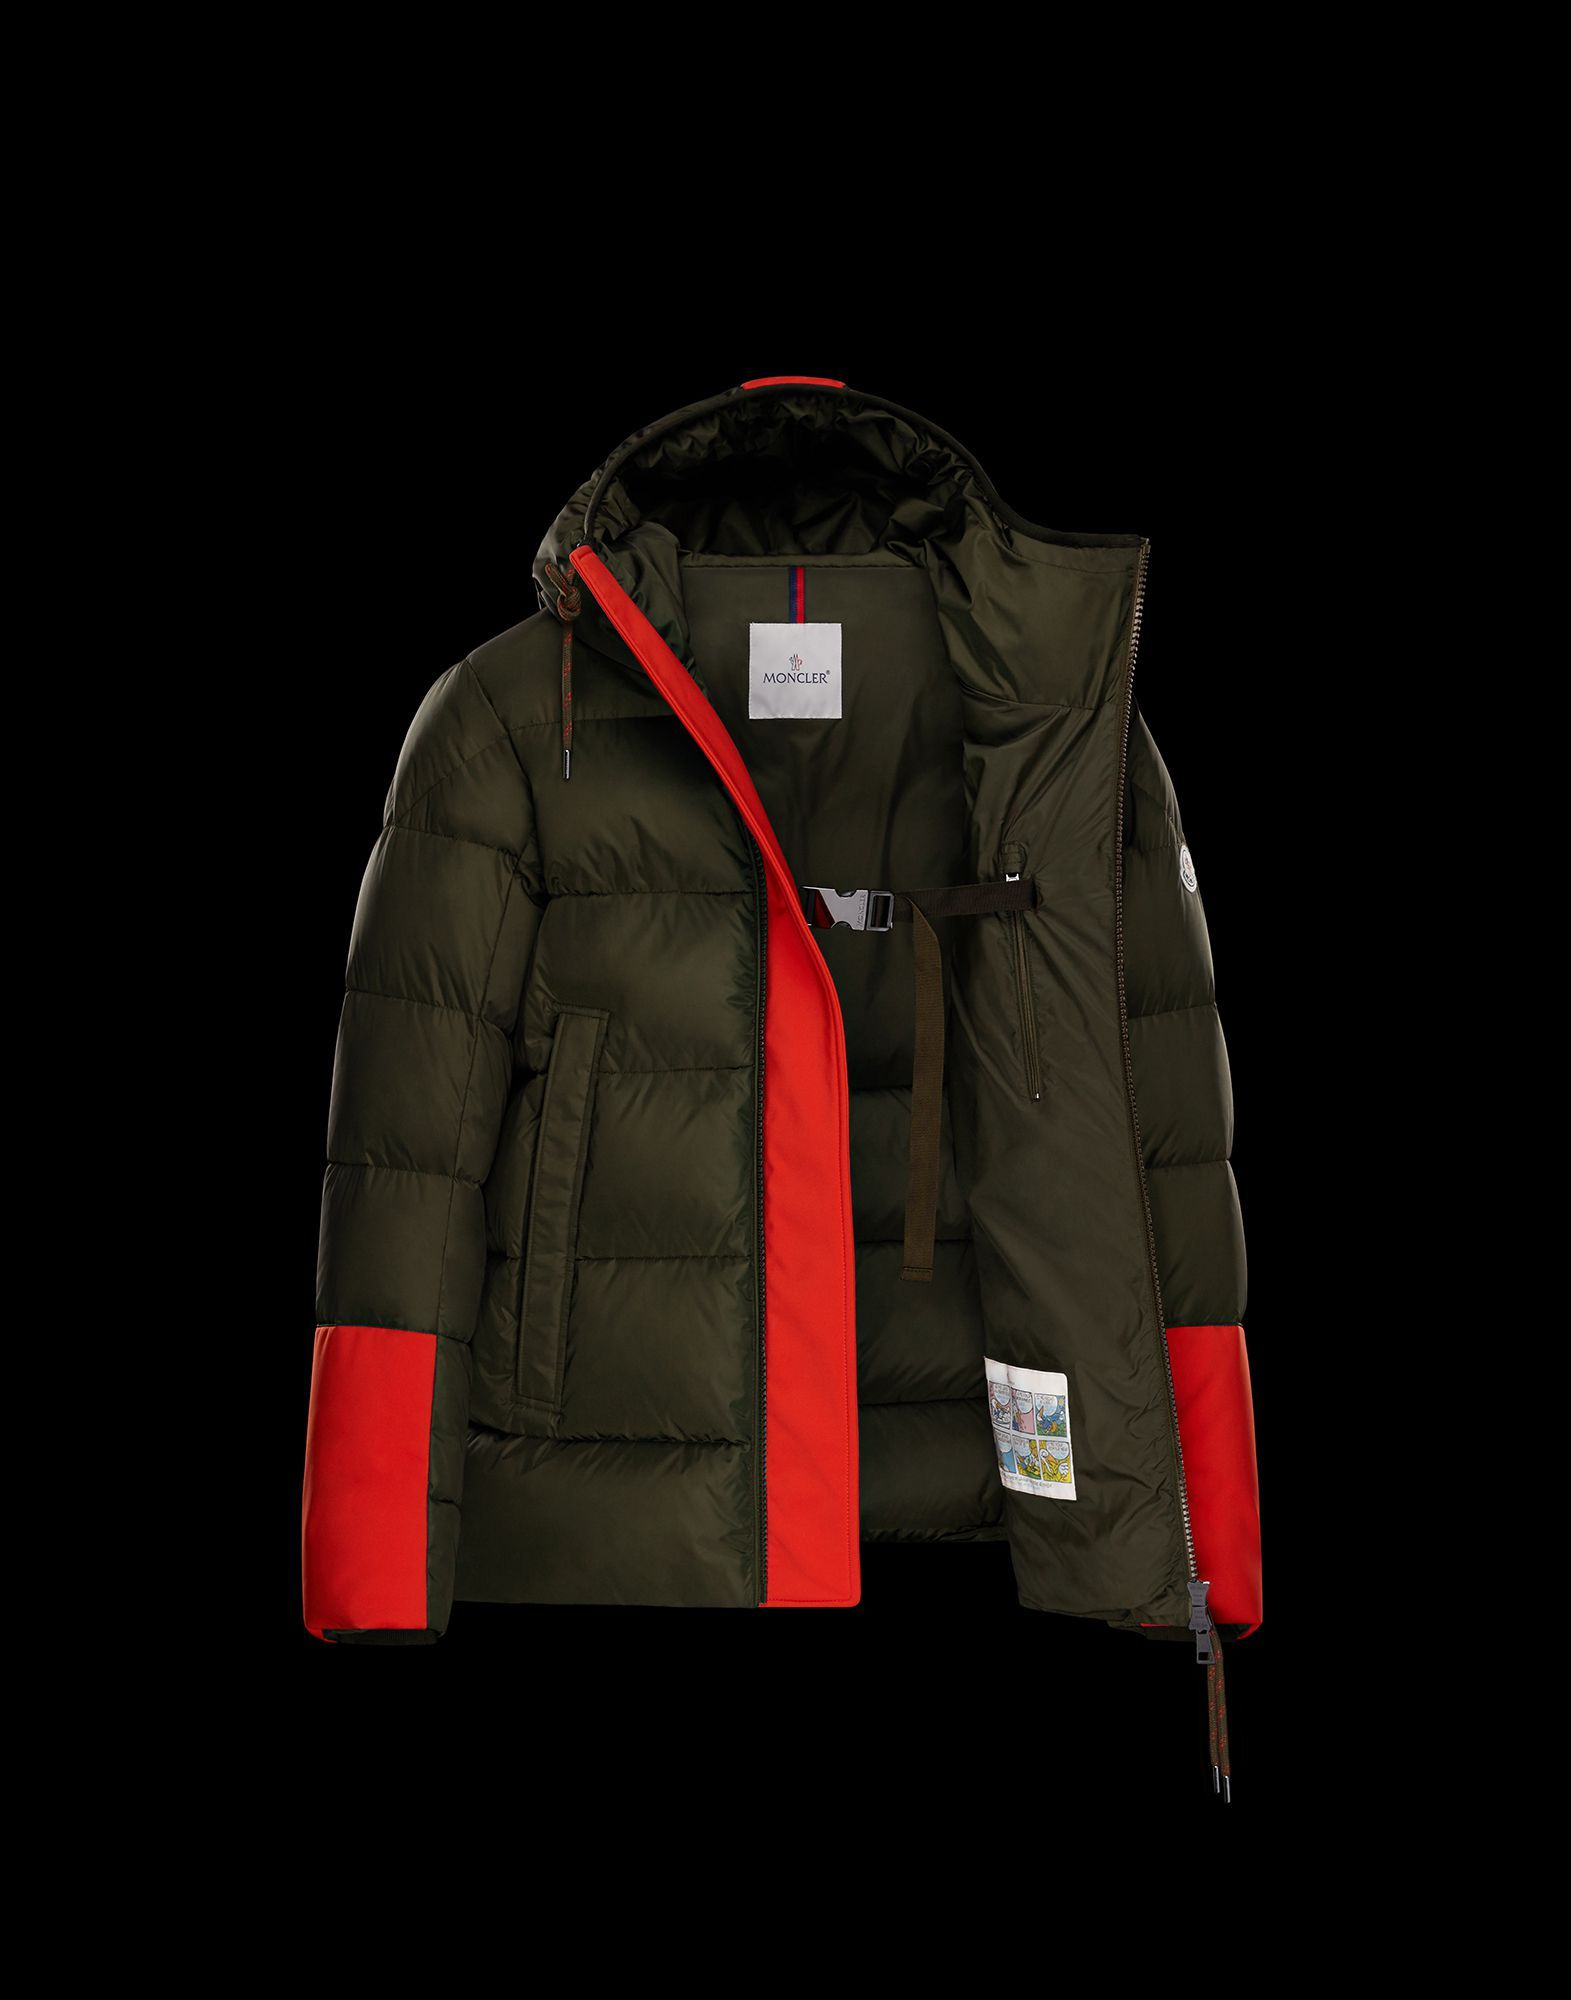 moncler jacket drake